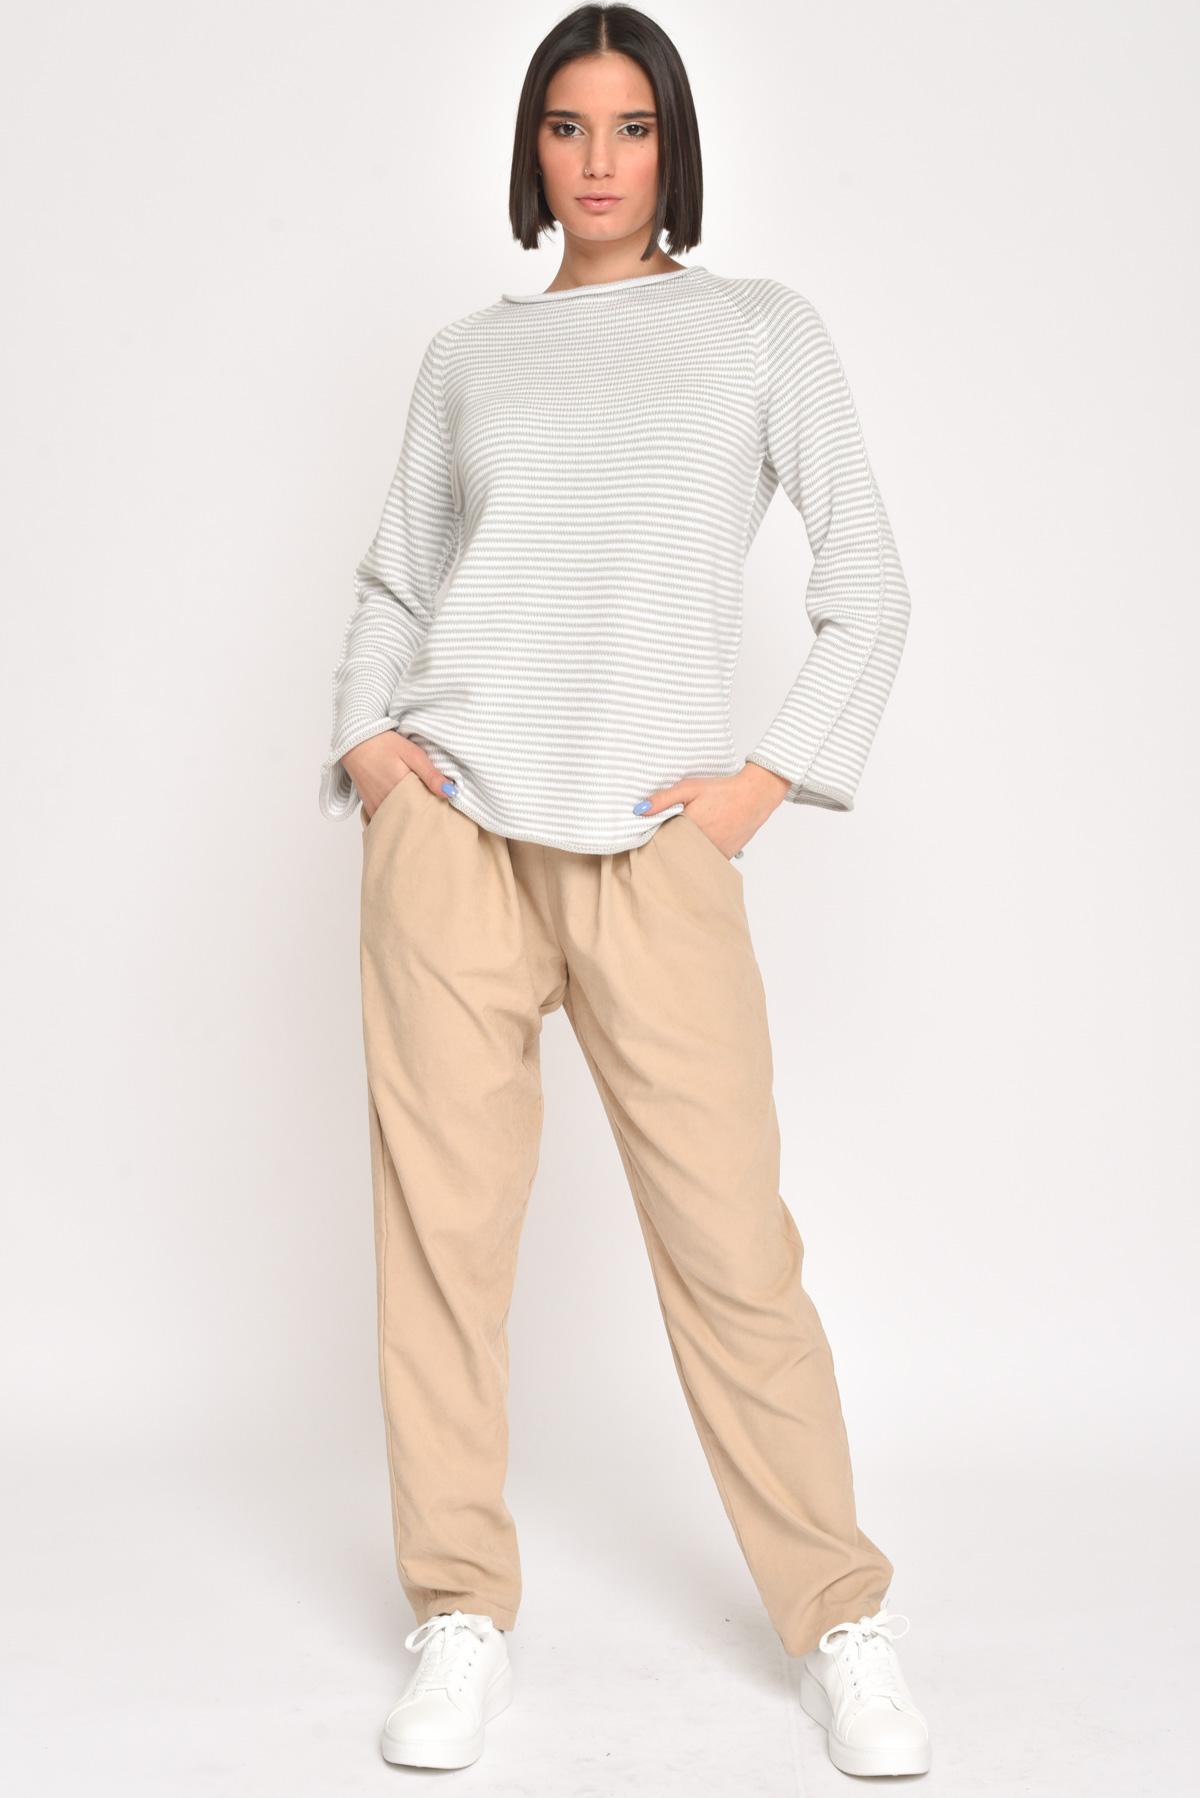 MAGLIA 100% COTONE A RIGHE   da donna - SABBIA - Paquito Pronto Moda Shop Online